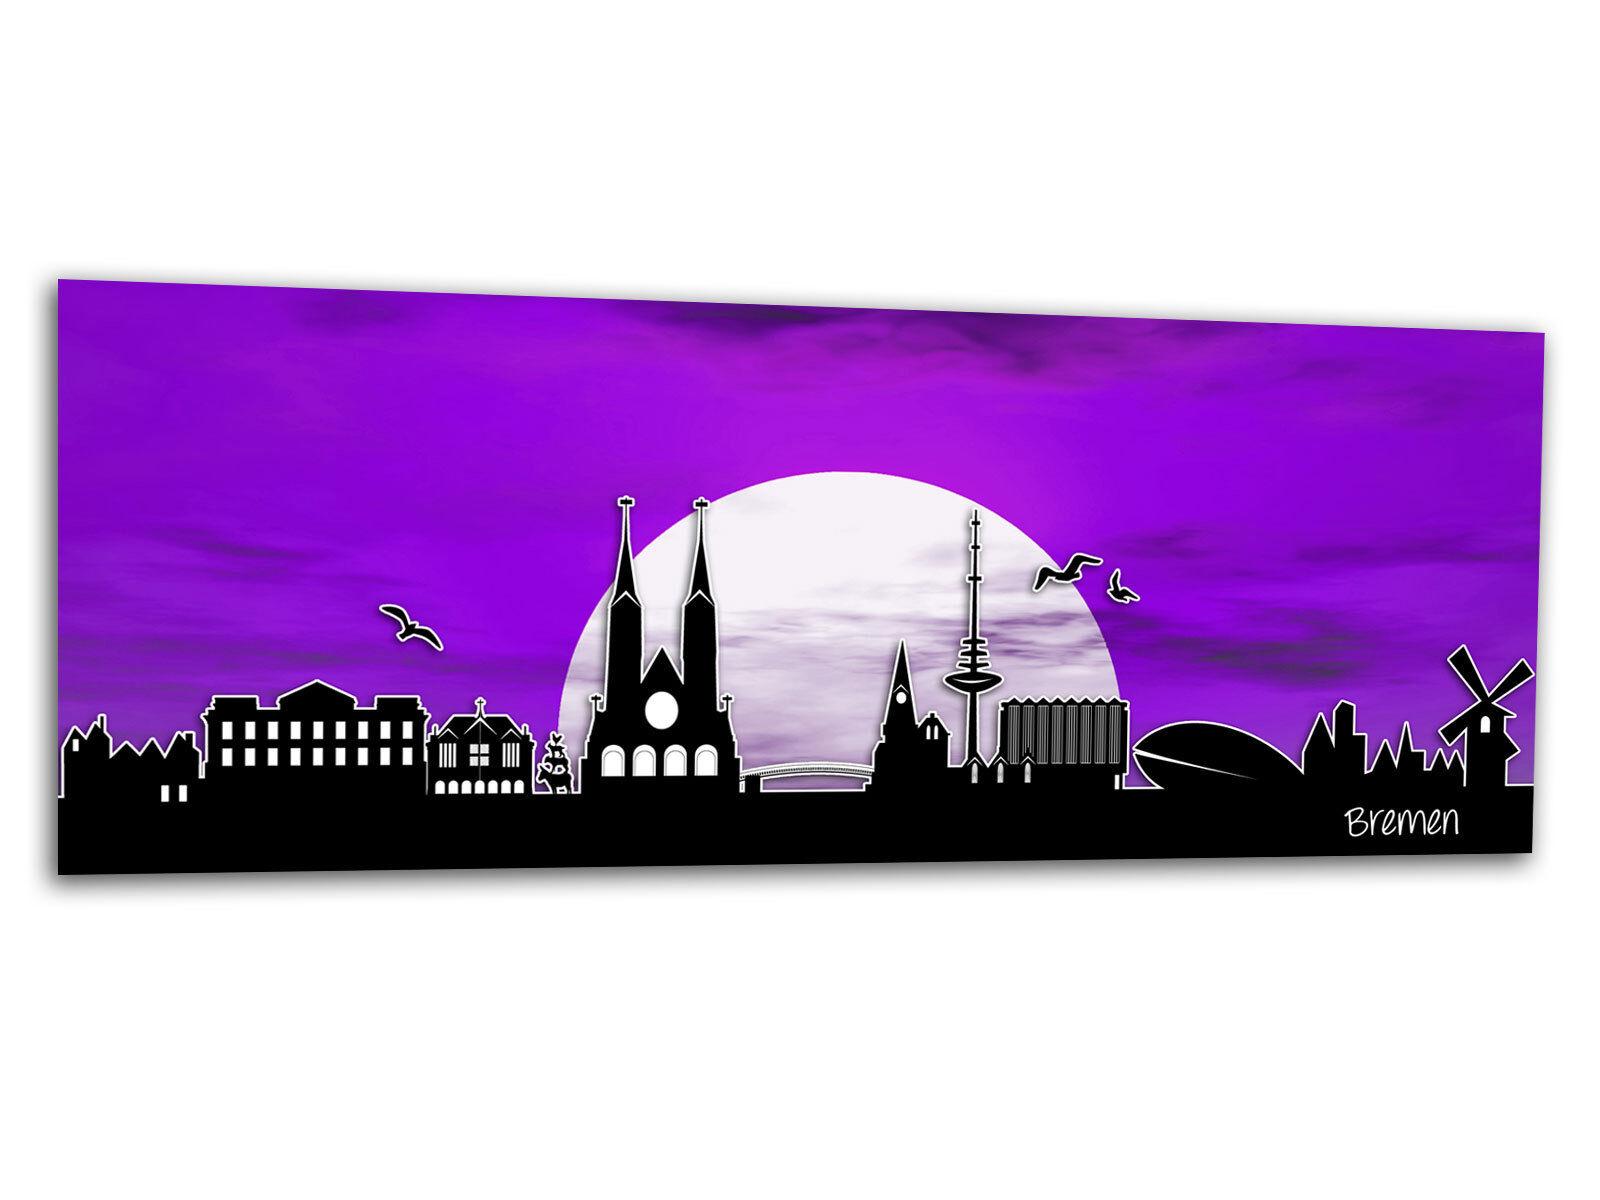 Vetro-Immagine Parete Immagine Brema Luna Viola ag-00747 125 125 125 x 50cm 34f8c4